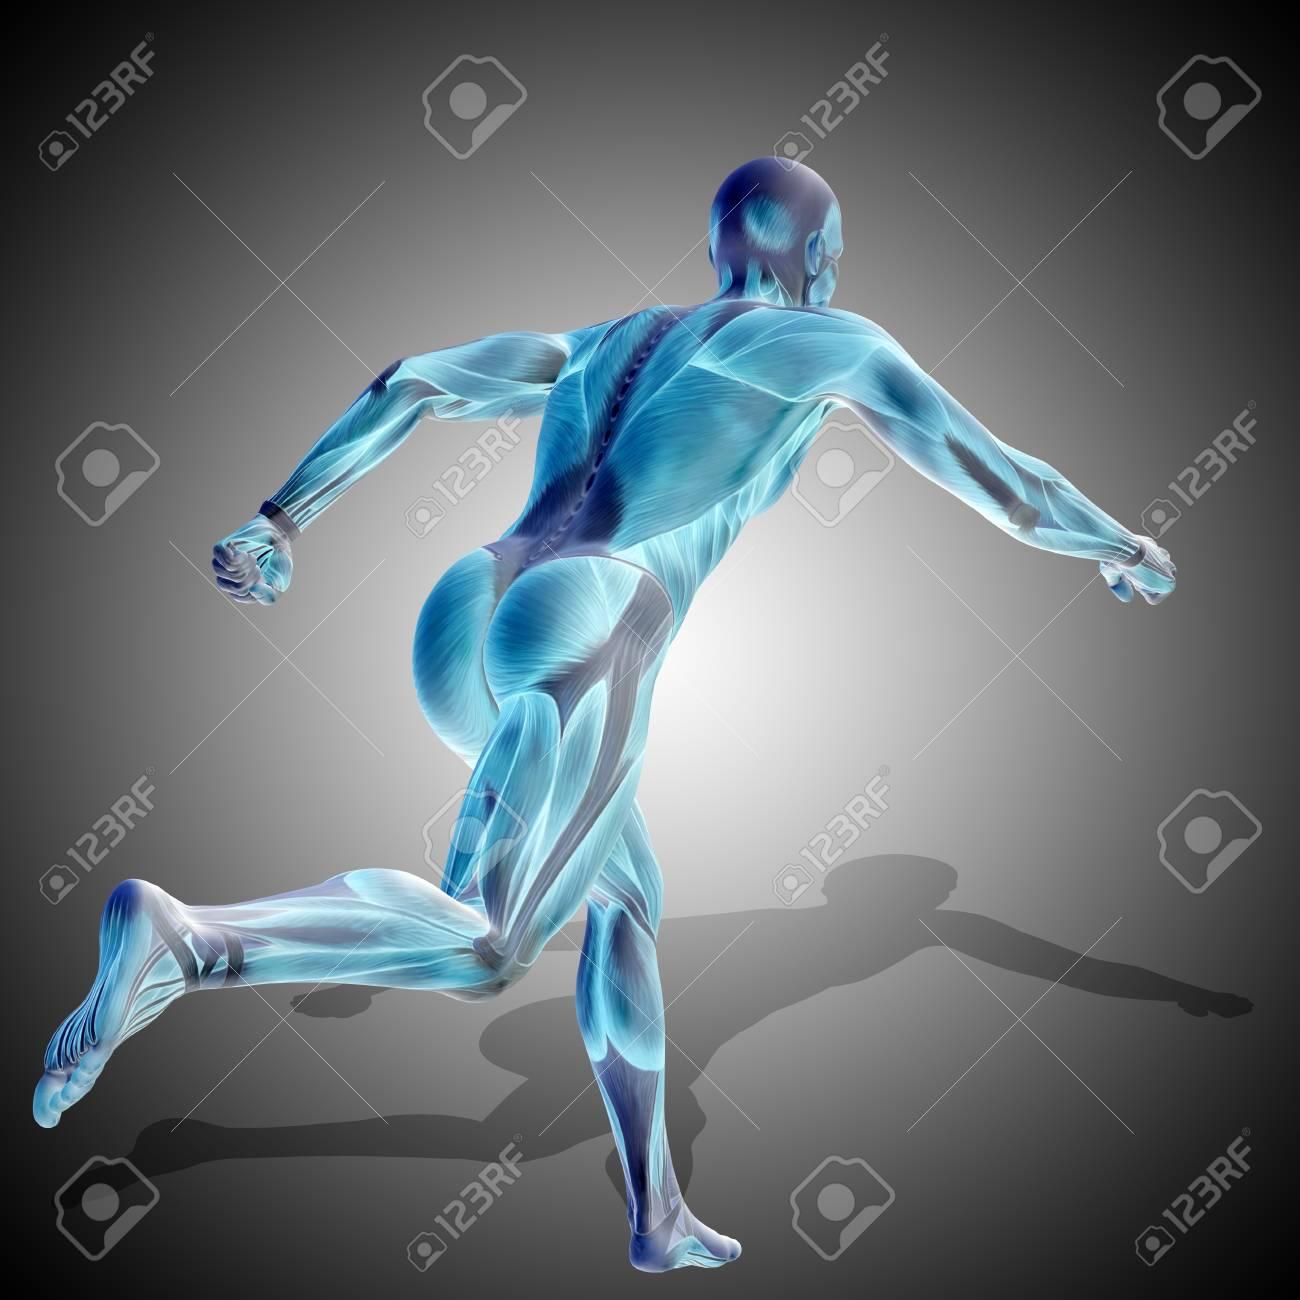 Concepto Fuerte Hombre Humano Ilustración 3D Anatomía Cuerpo Con ...